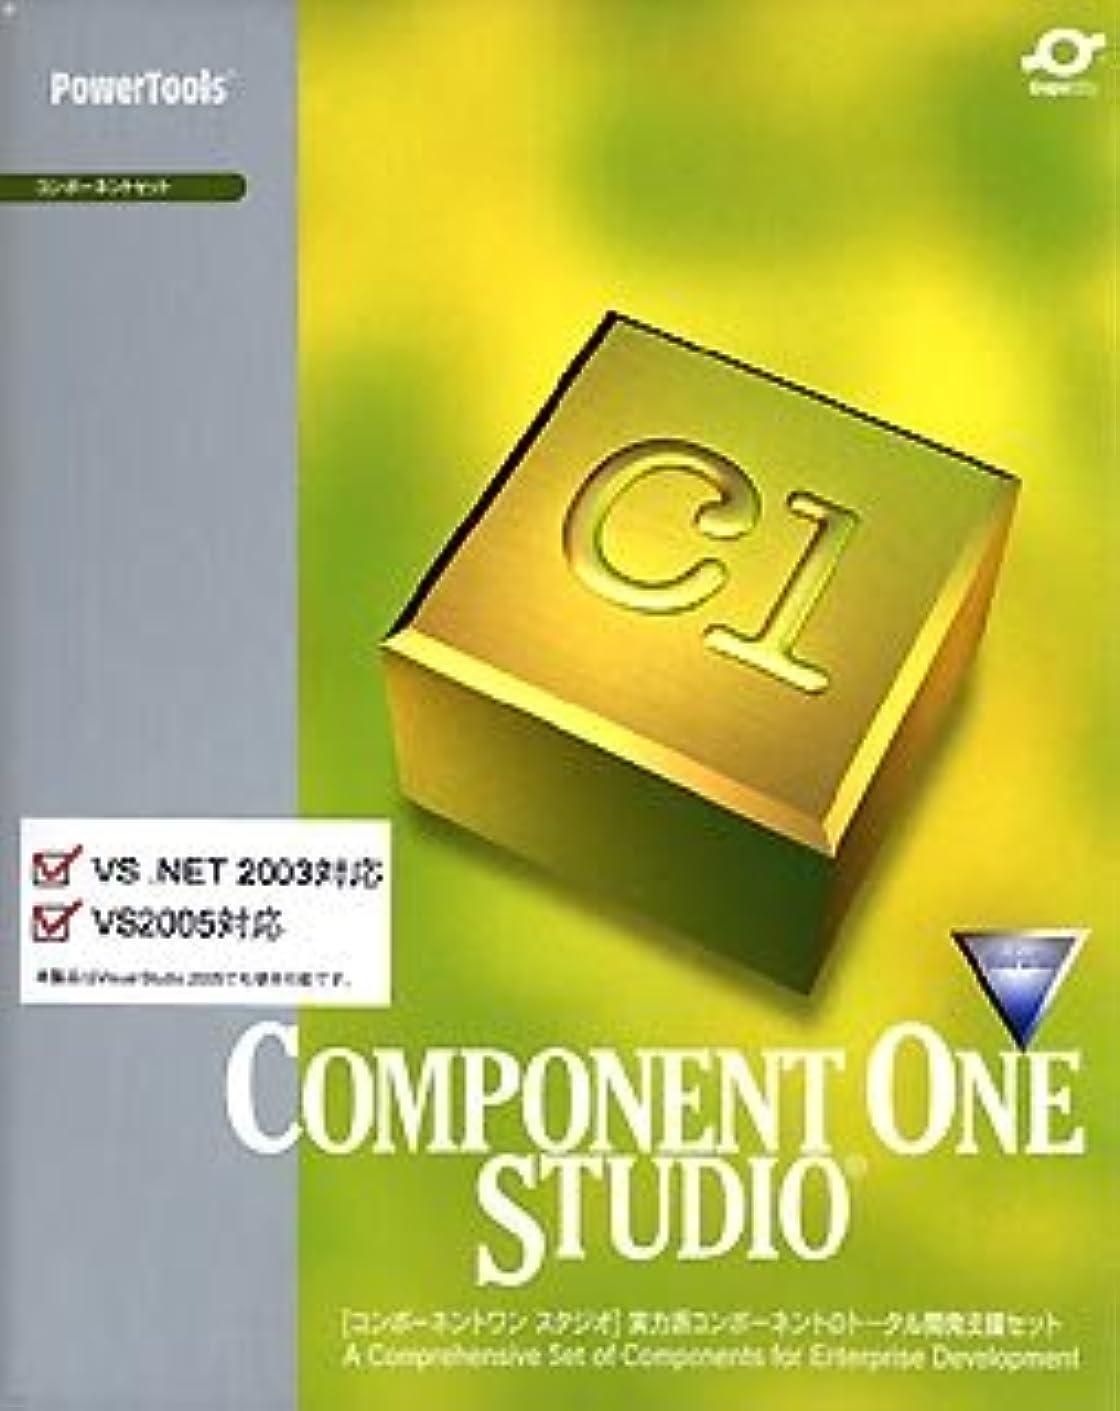 生態学家禽保証金ComponentOne Studio 2007 WinForms 1開発ライセンスパッケージ